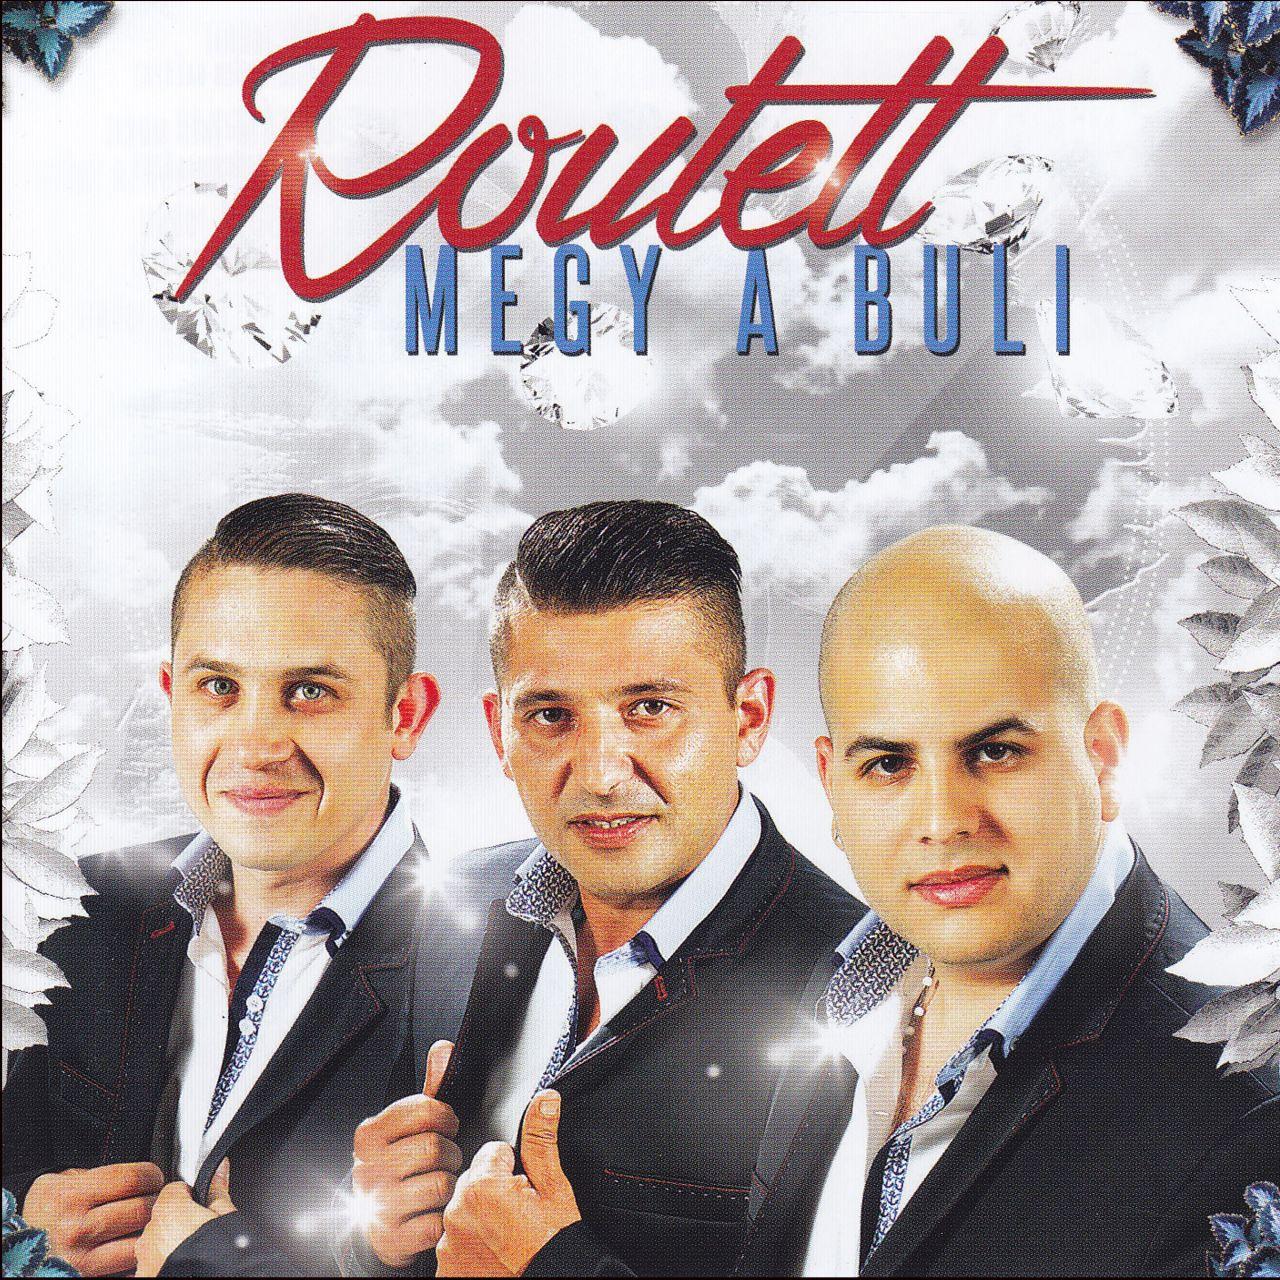 Roulett: Nagy a buli (CD)